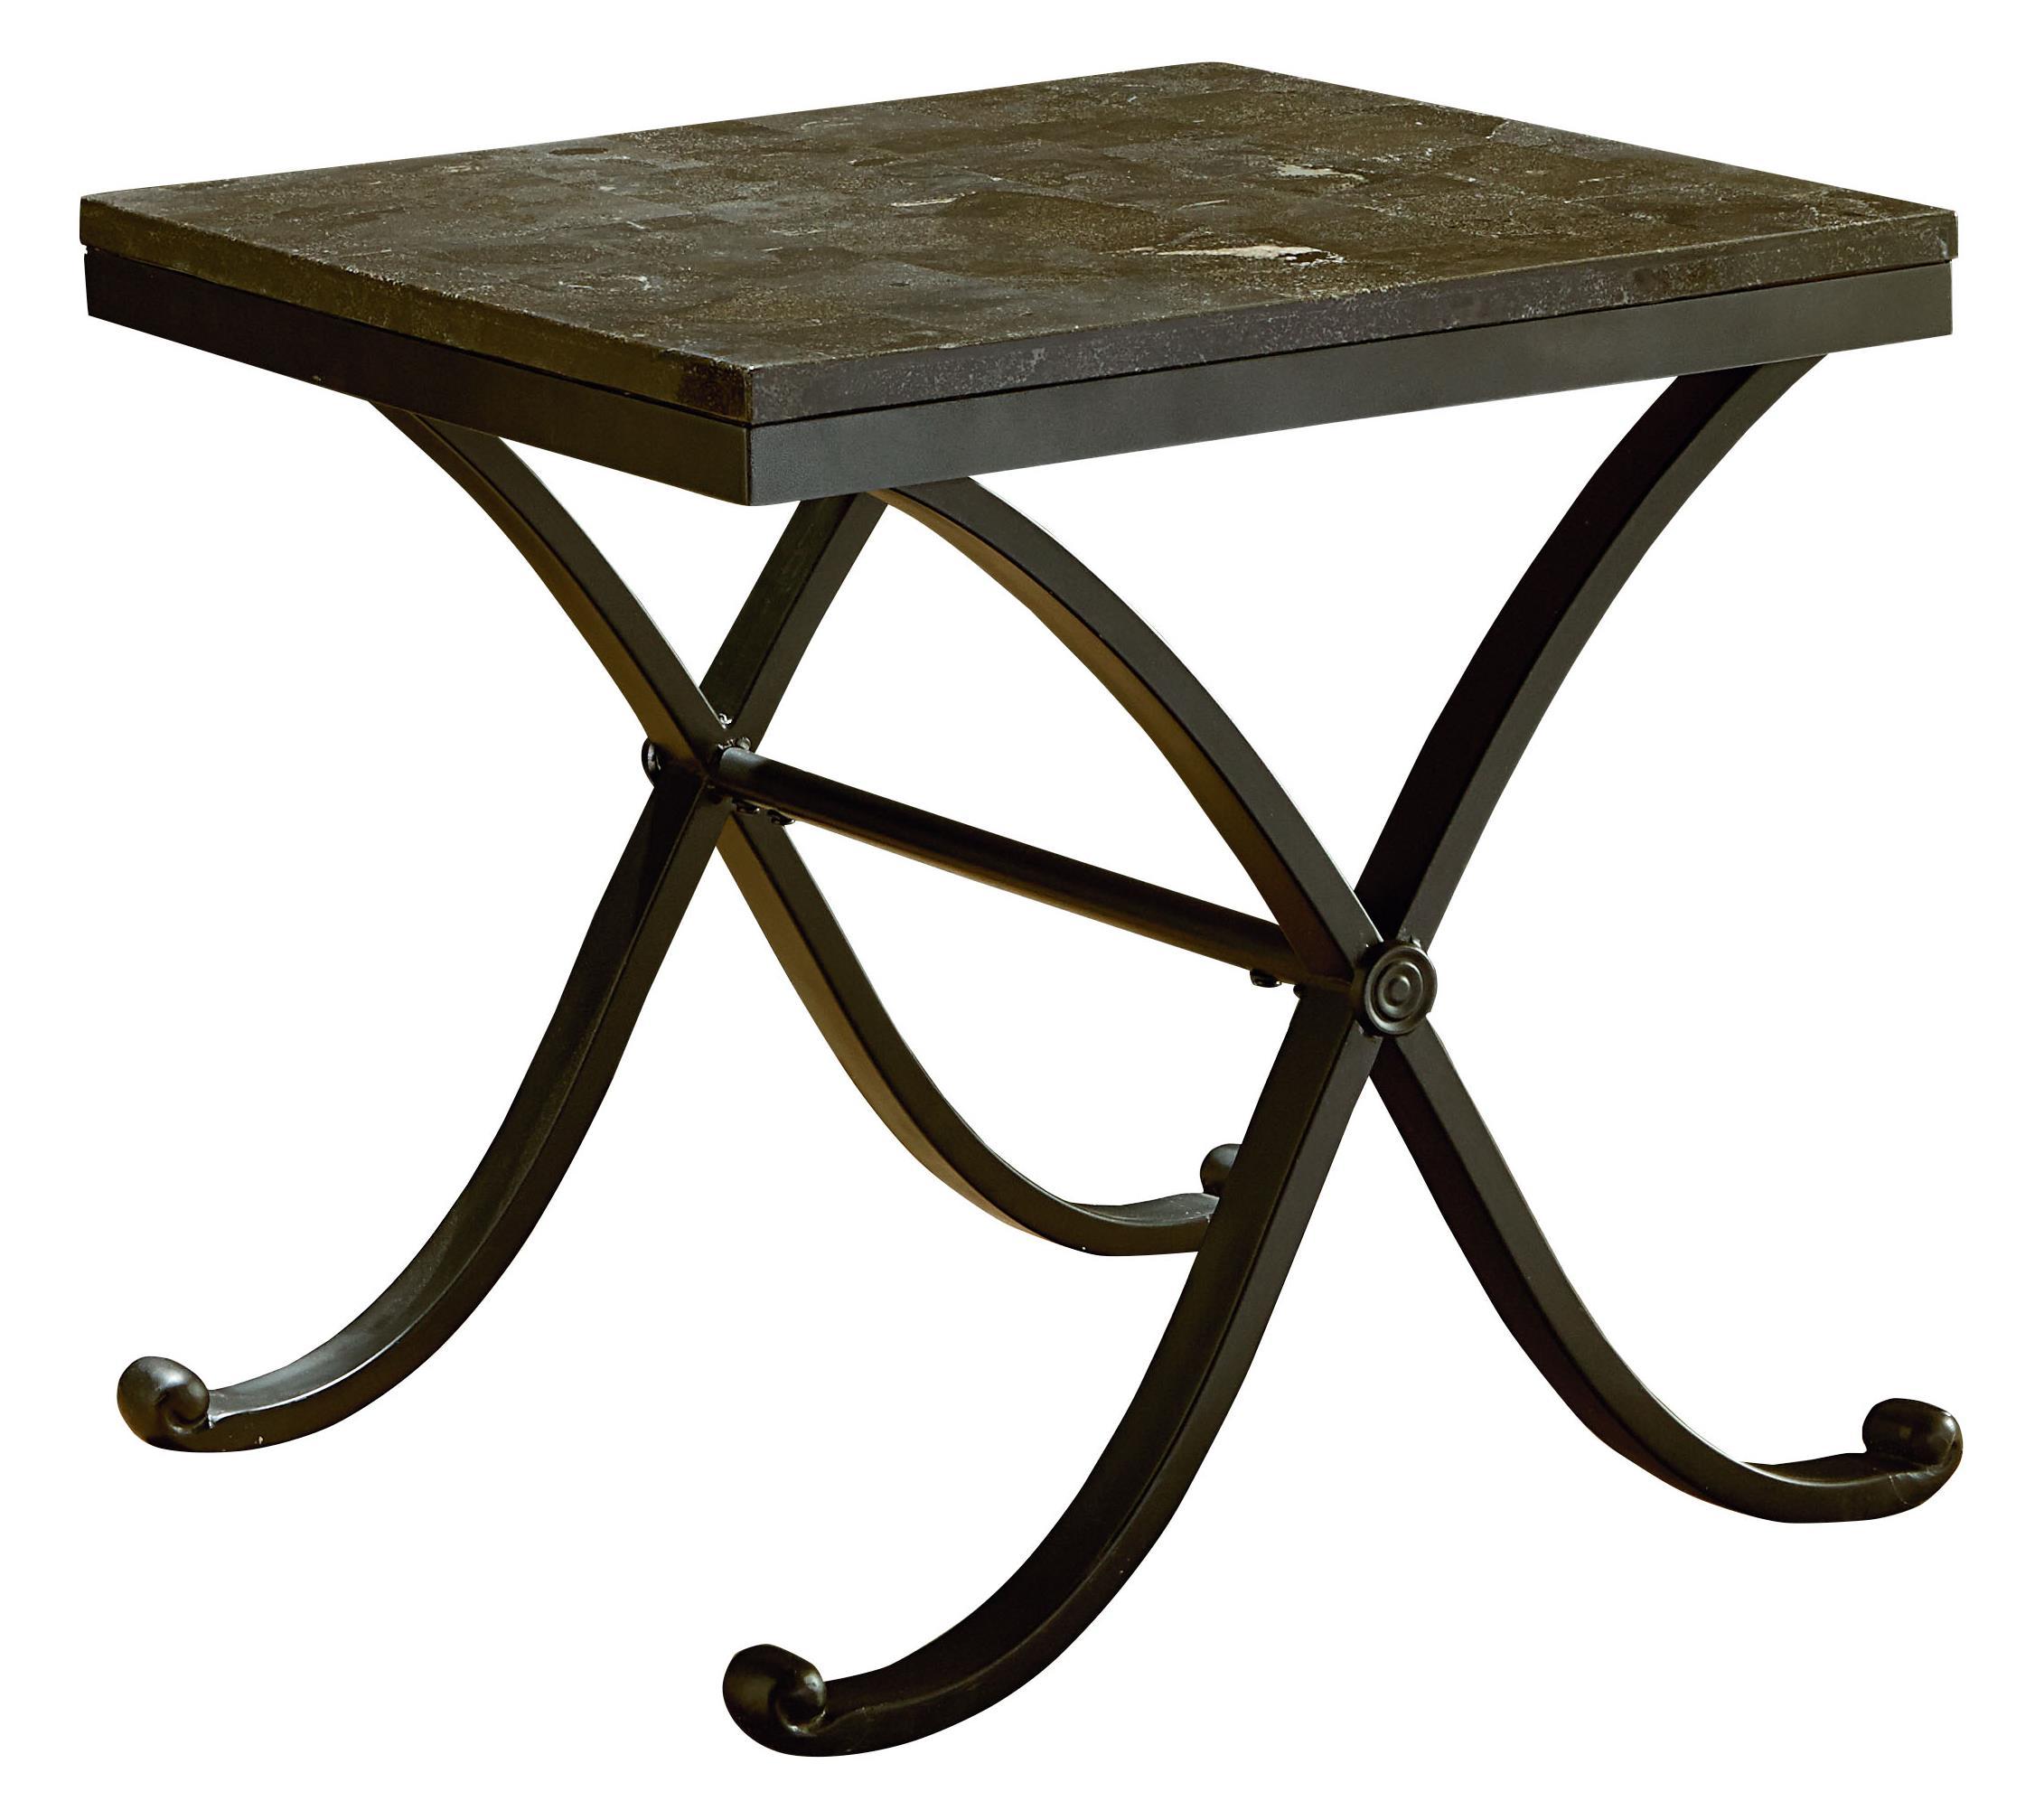 Standard Furniture Santiago End Table - Item Number: 28722